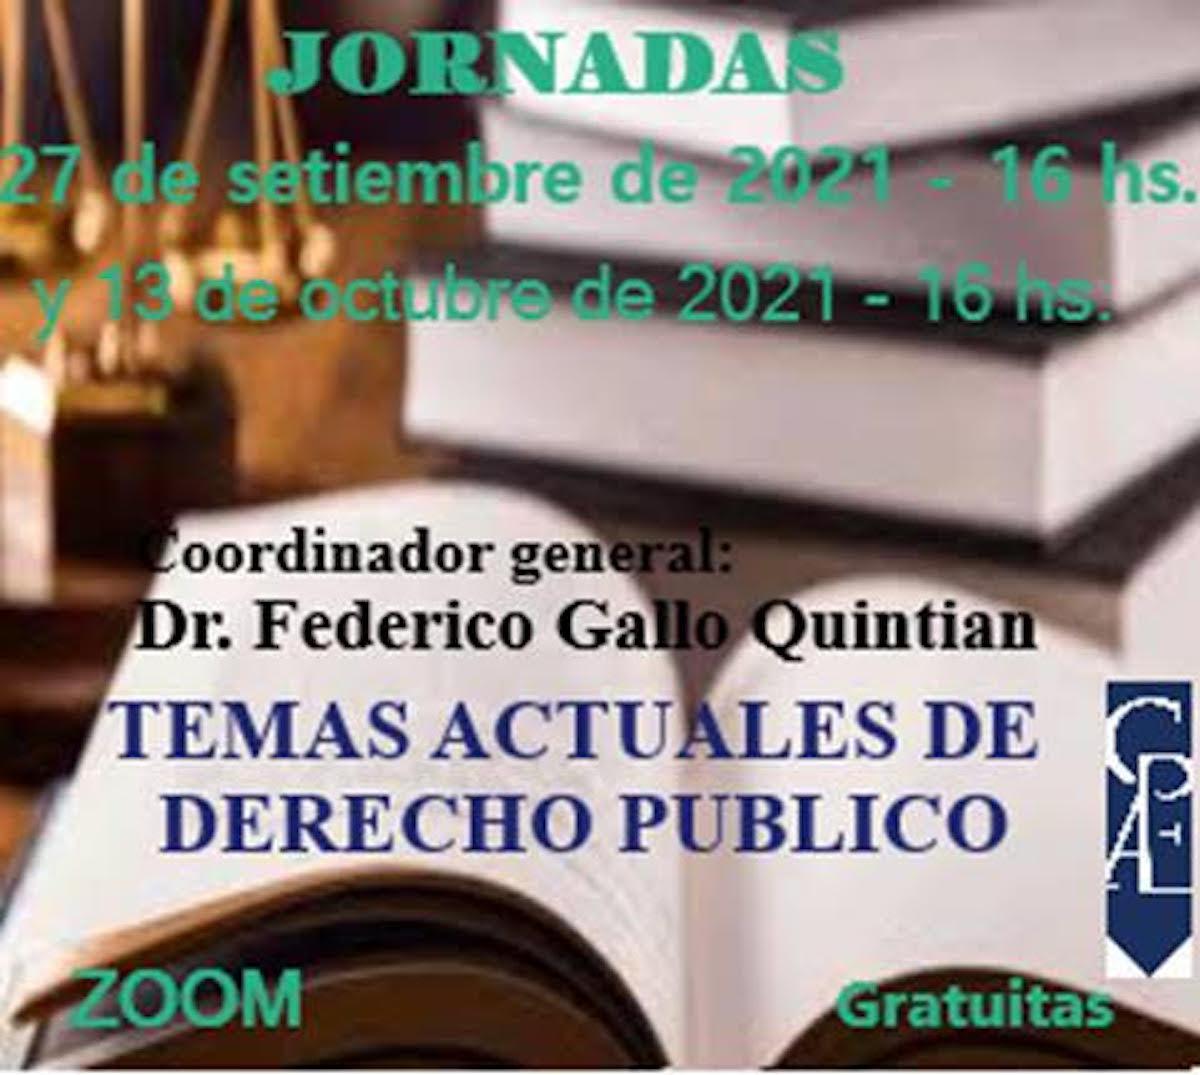 JOrnadas de Derecho Público